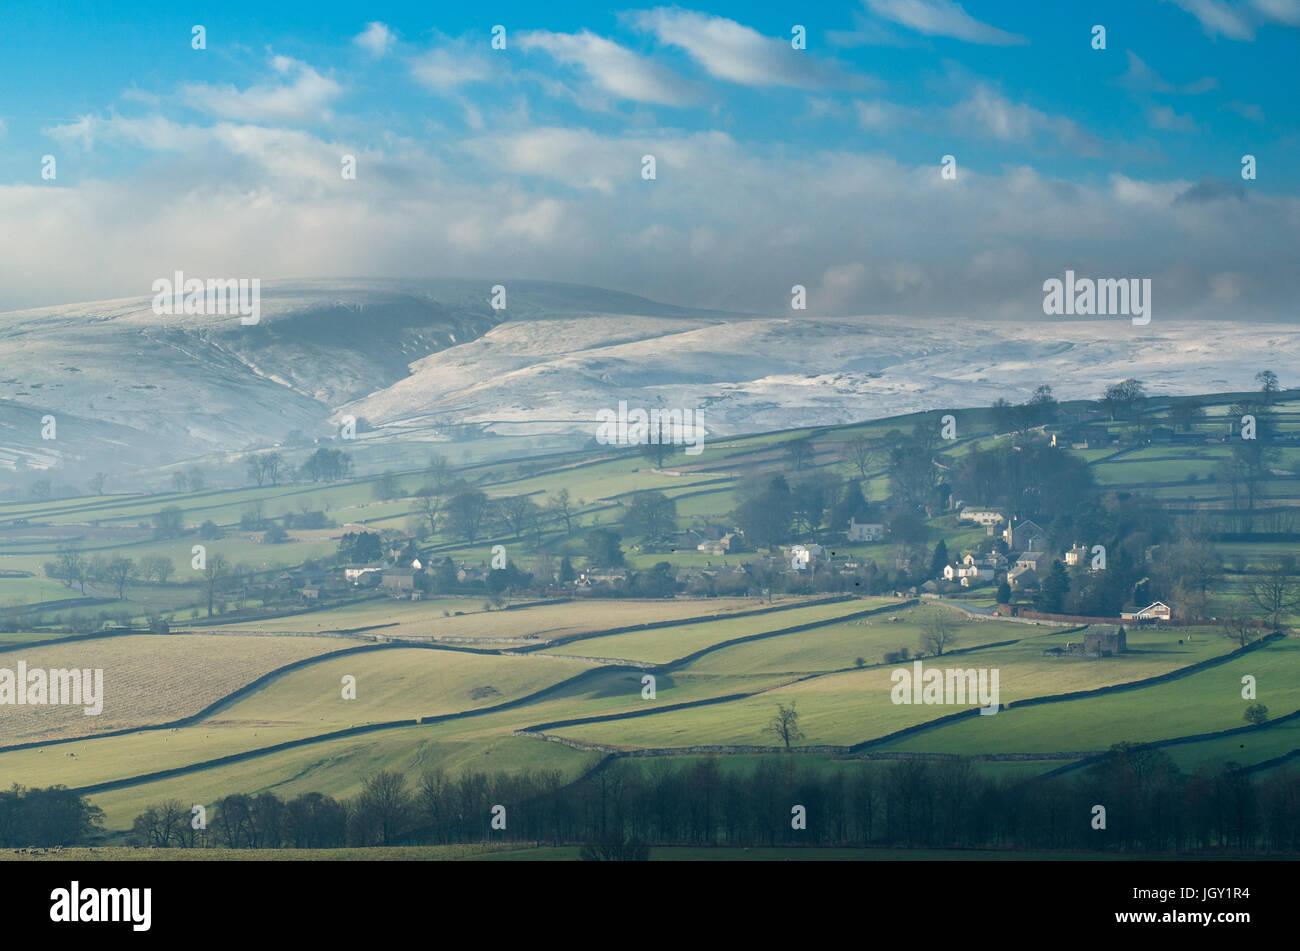 La vista horizontal de Helton village, el distrito de Los Lagos, UK Imagen De Stock